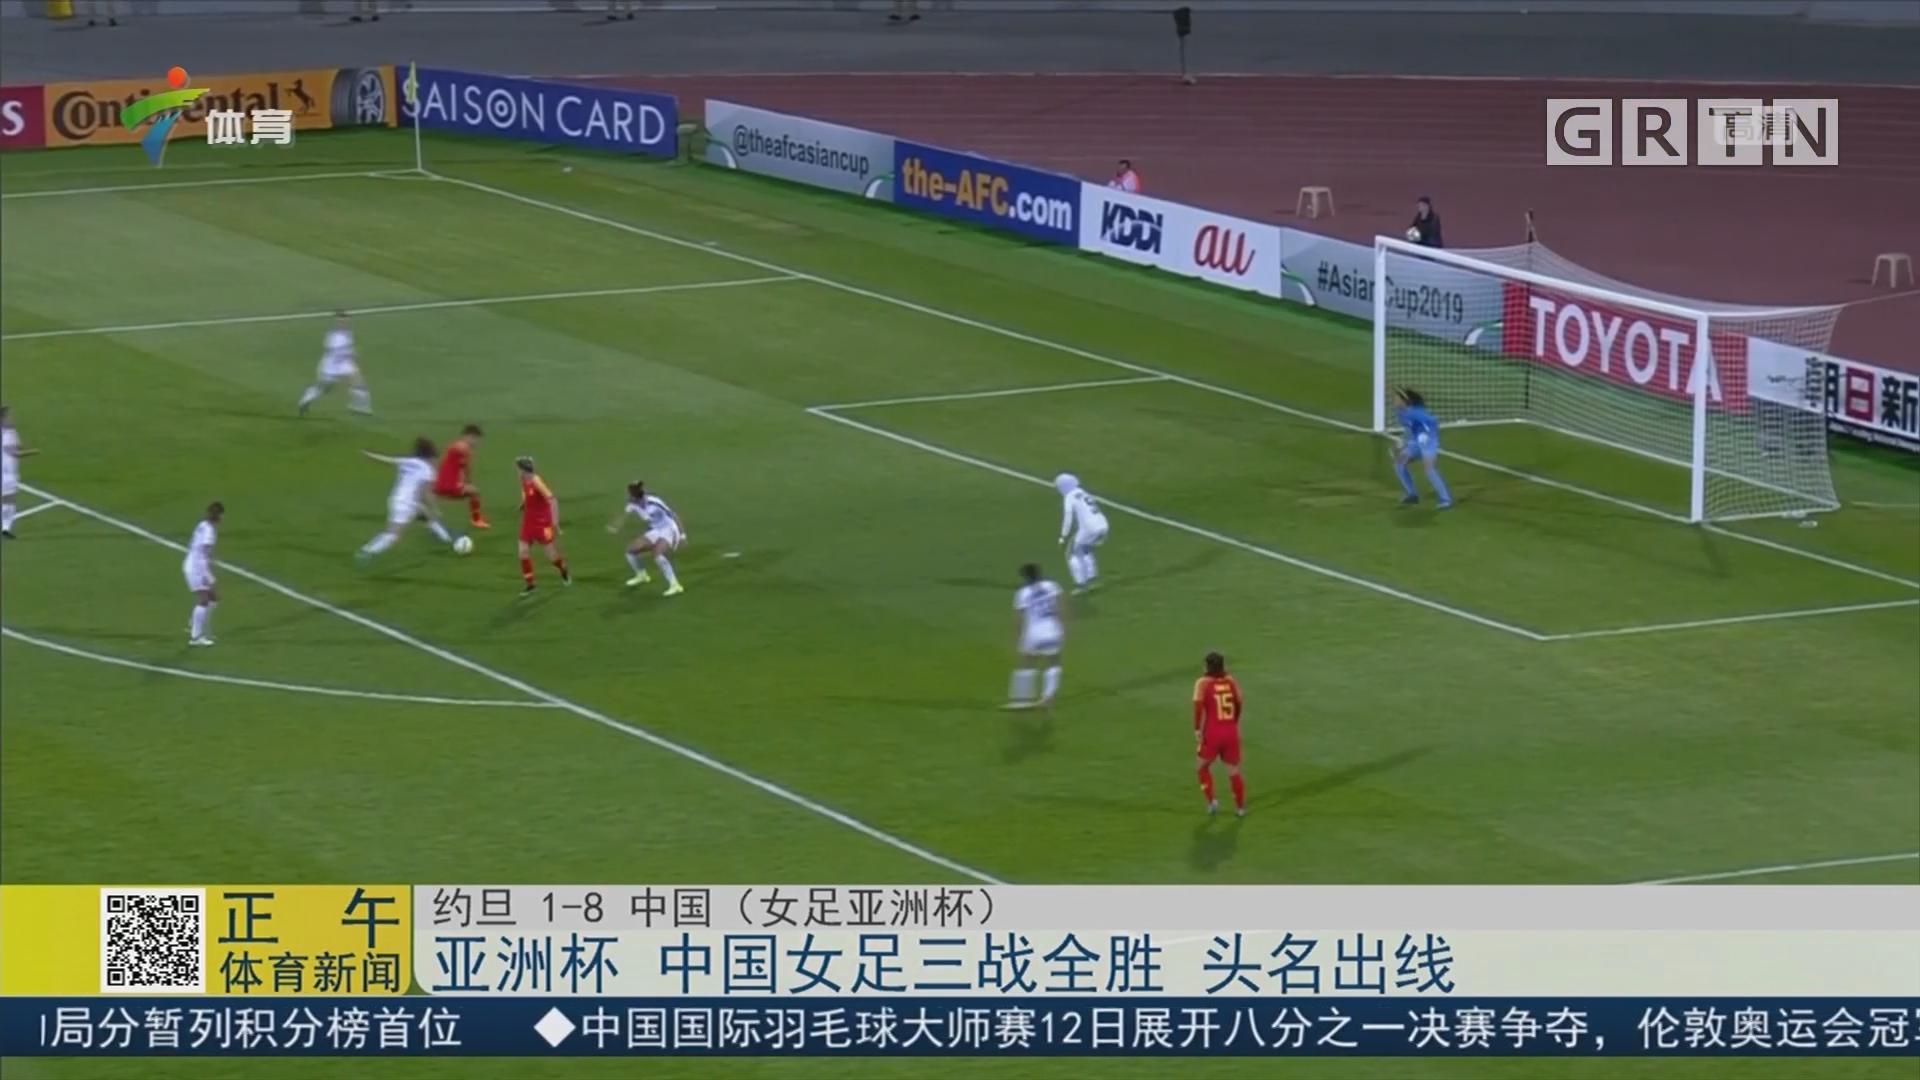 亚洲杯 中国女足三战全胜 头名出线